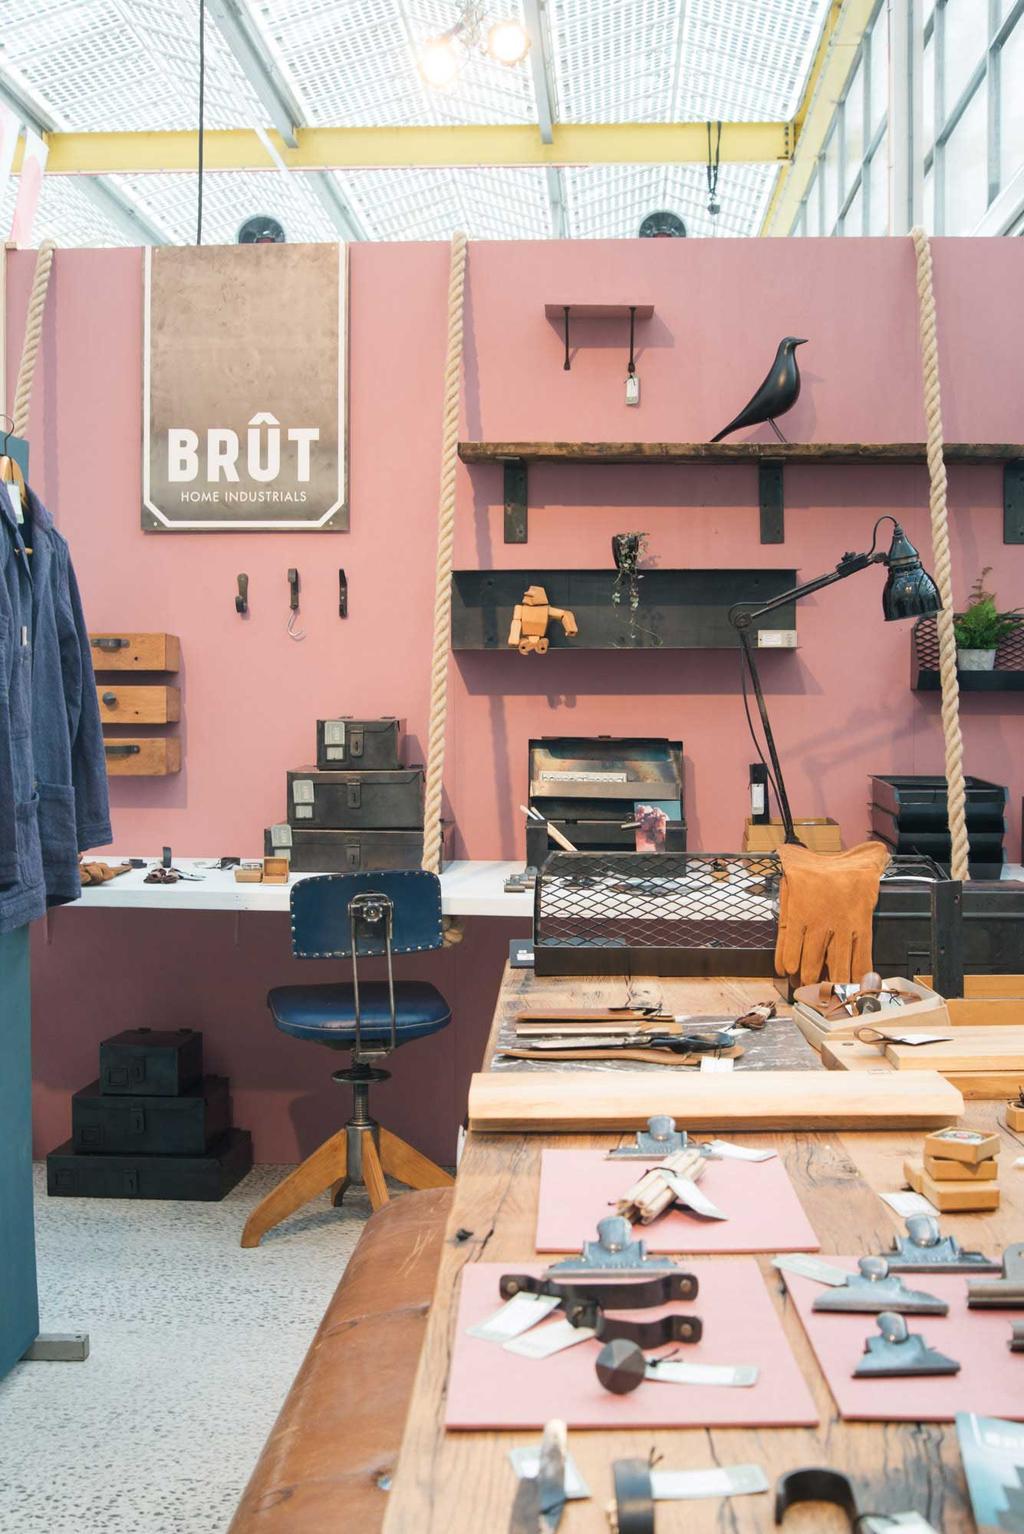 Nieuwe collectie Brût Home industrials op showUP met REMADE with love